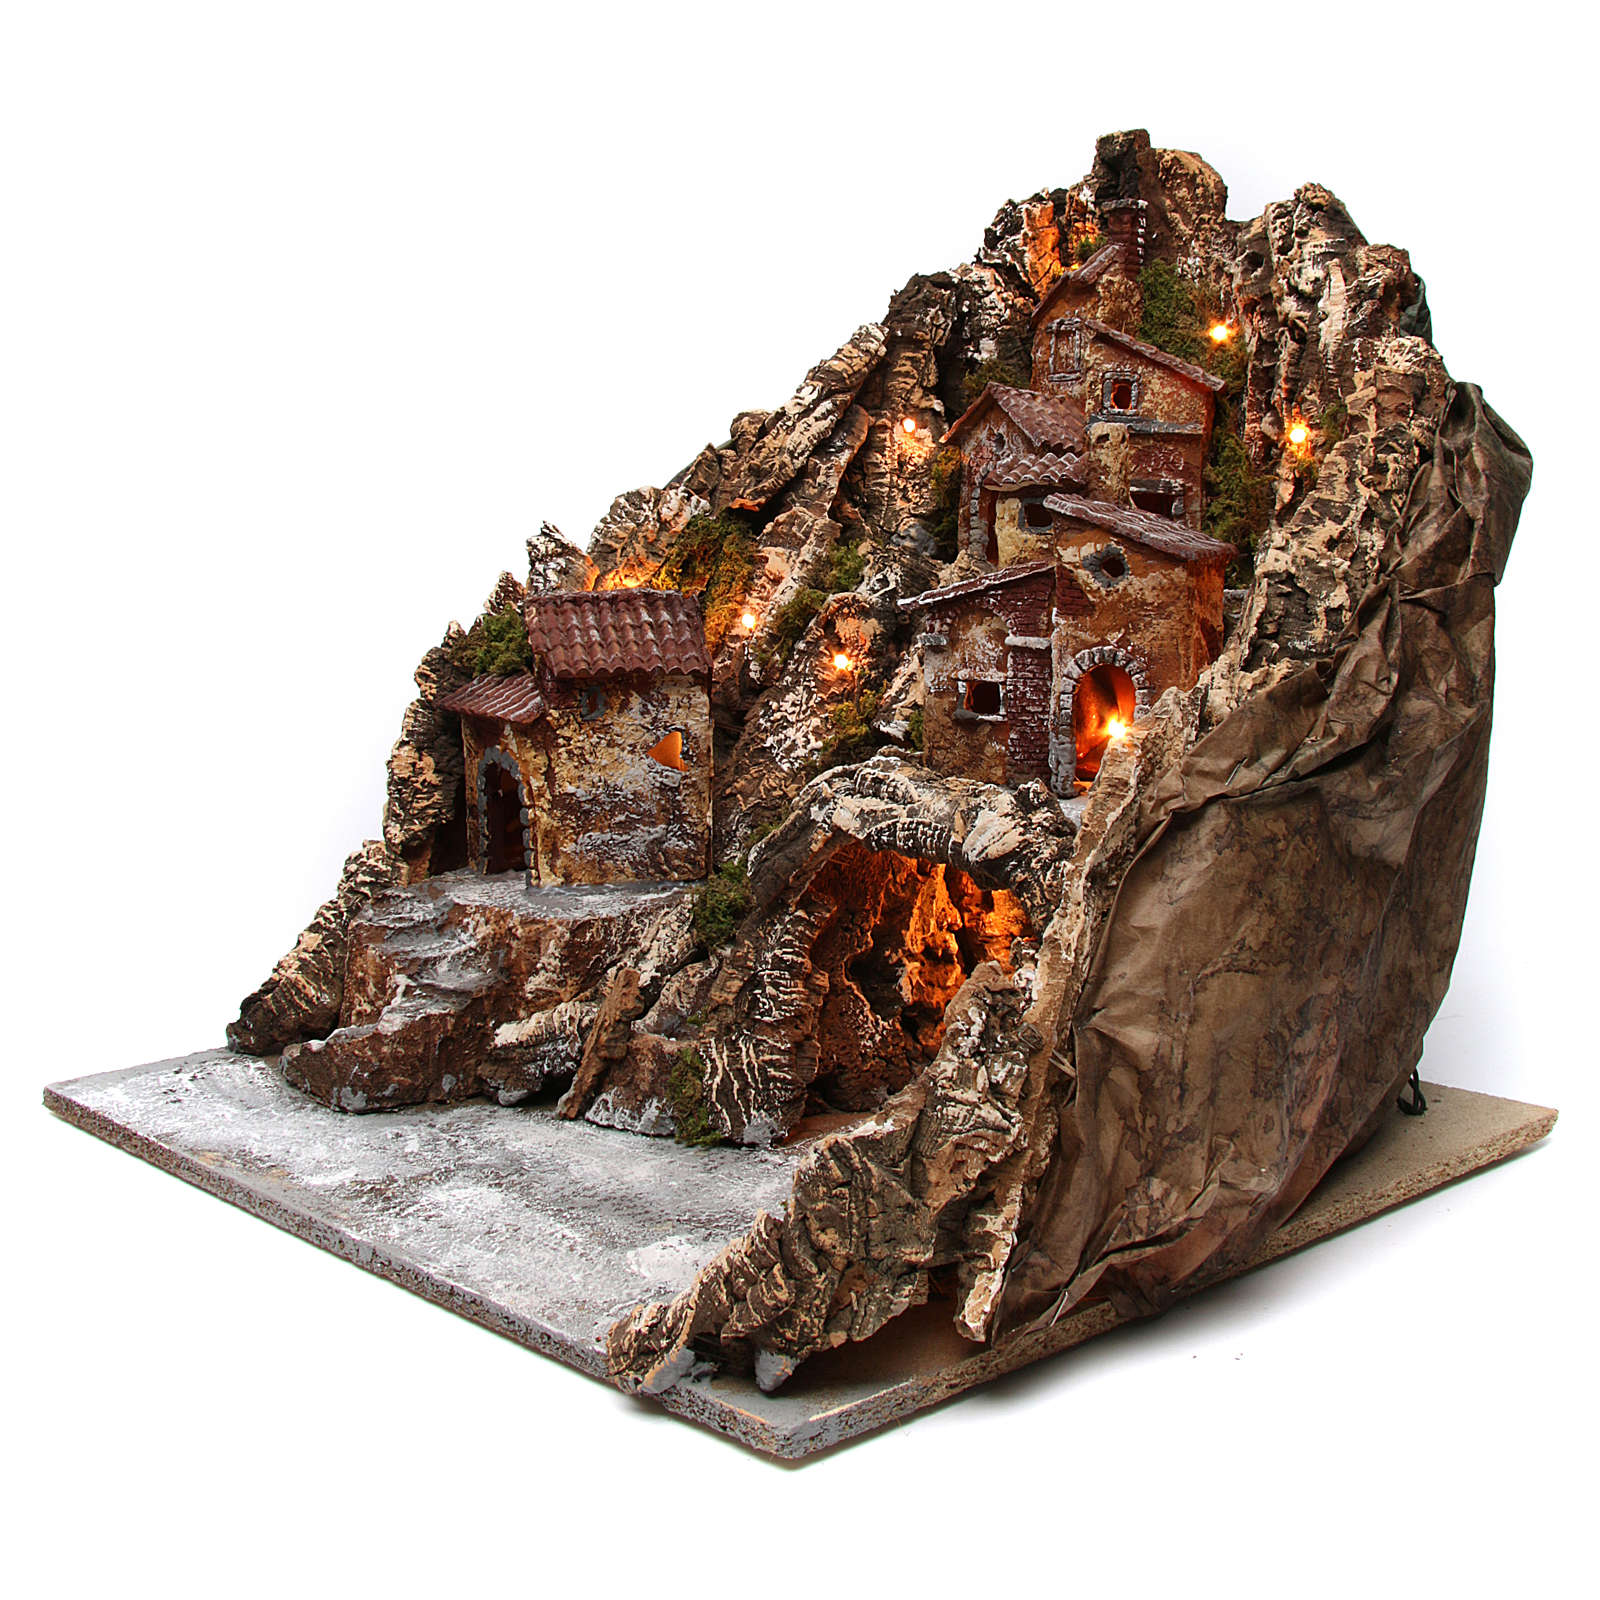 Presepe borgo illuminato con grotta Natività e ruscello movimento presepe napoletano 50X50X60 cm 4